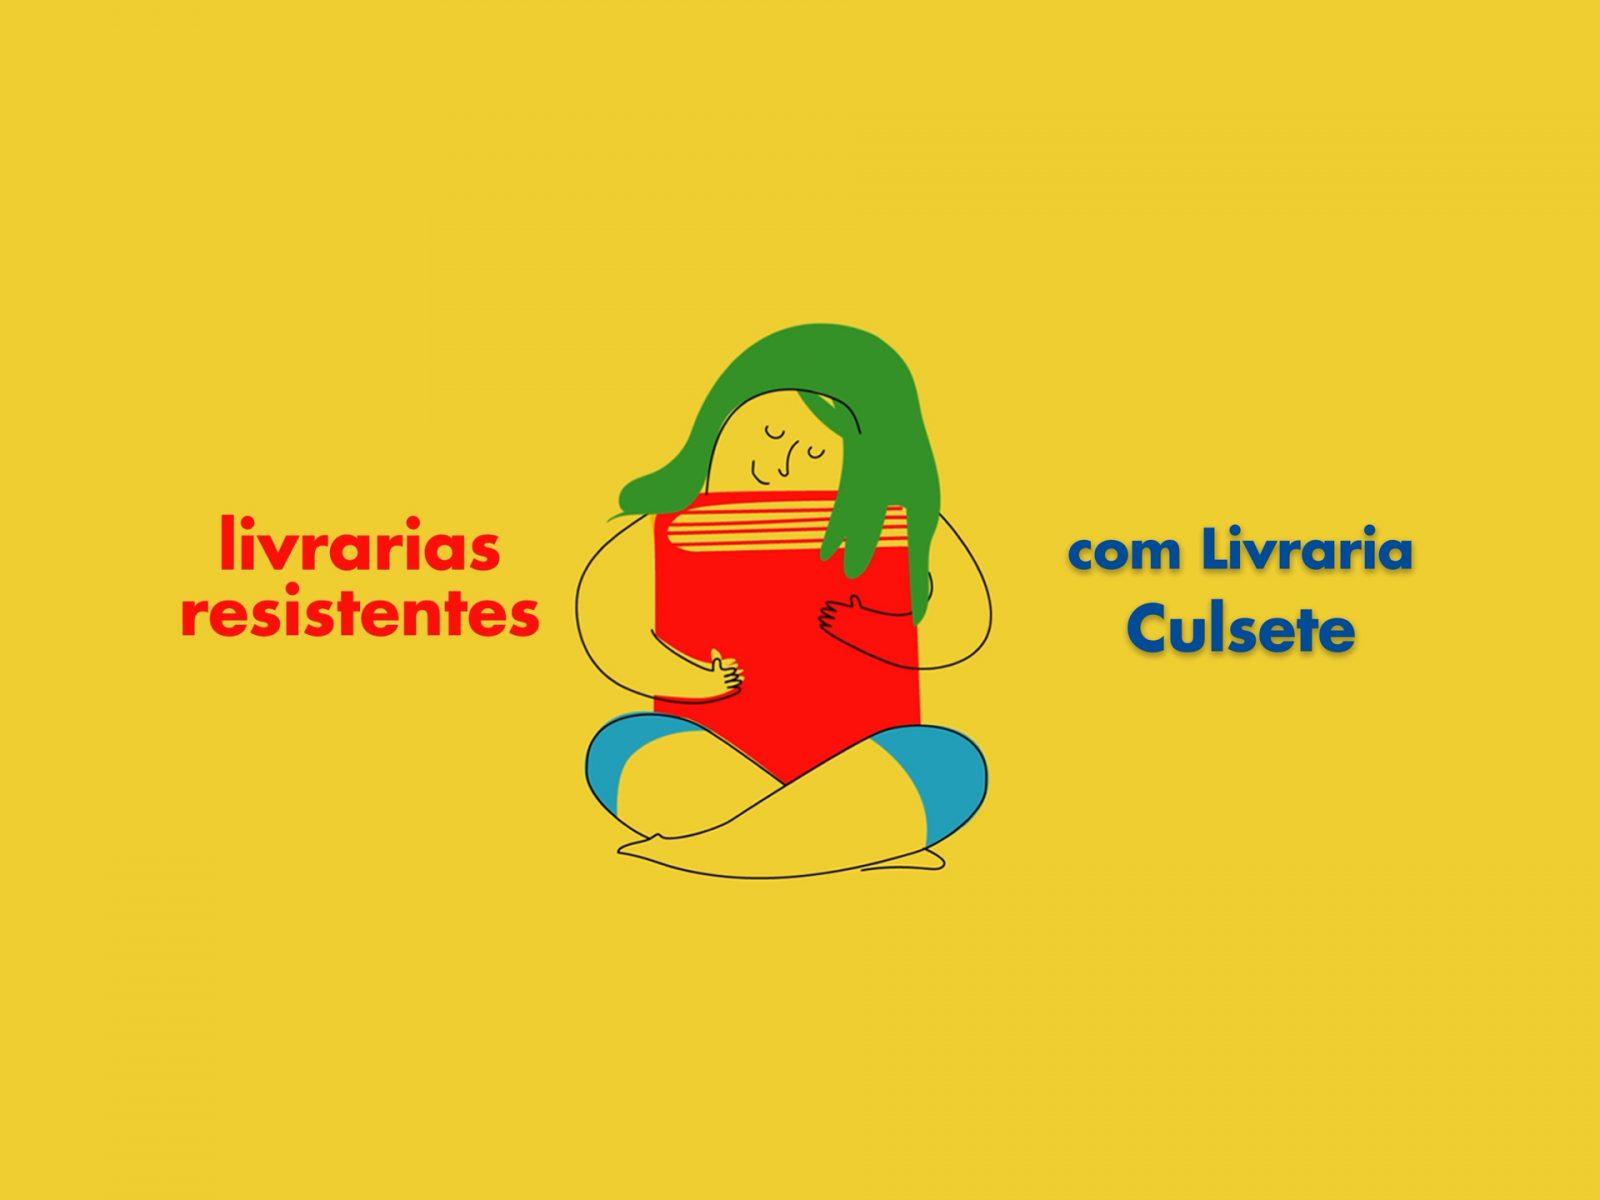 gerador-livrarias-resistentes-culsete